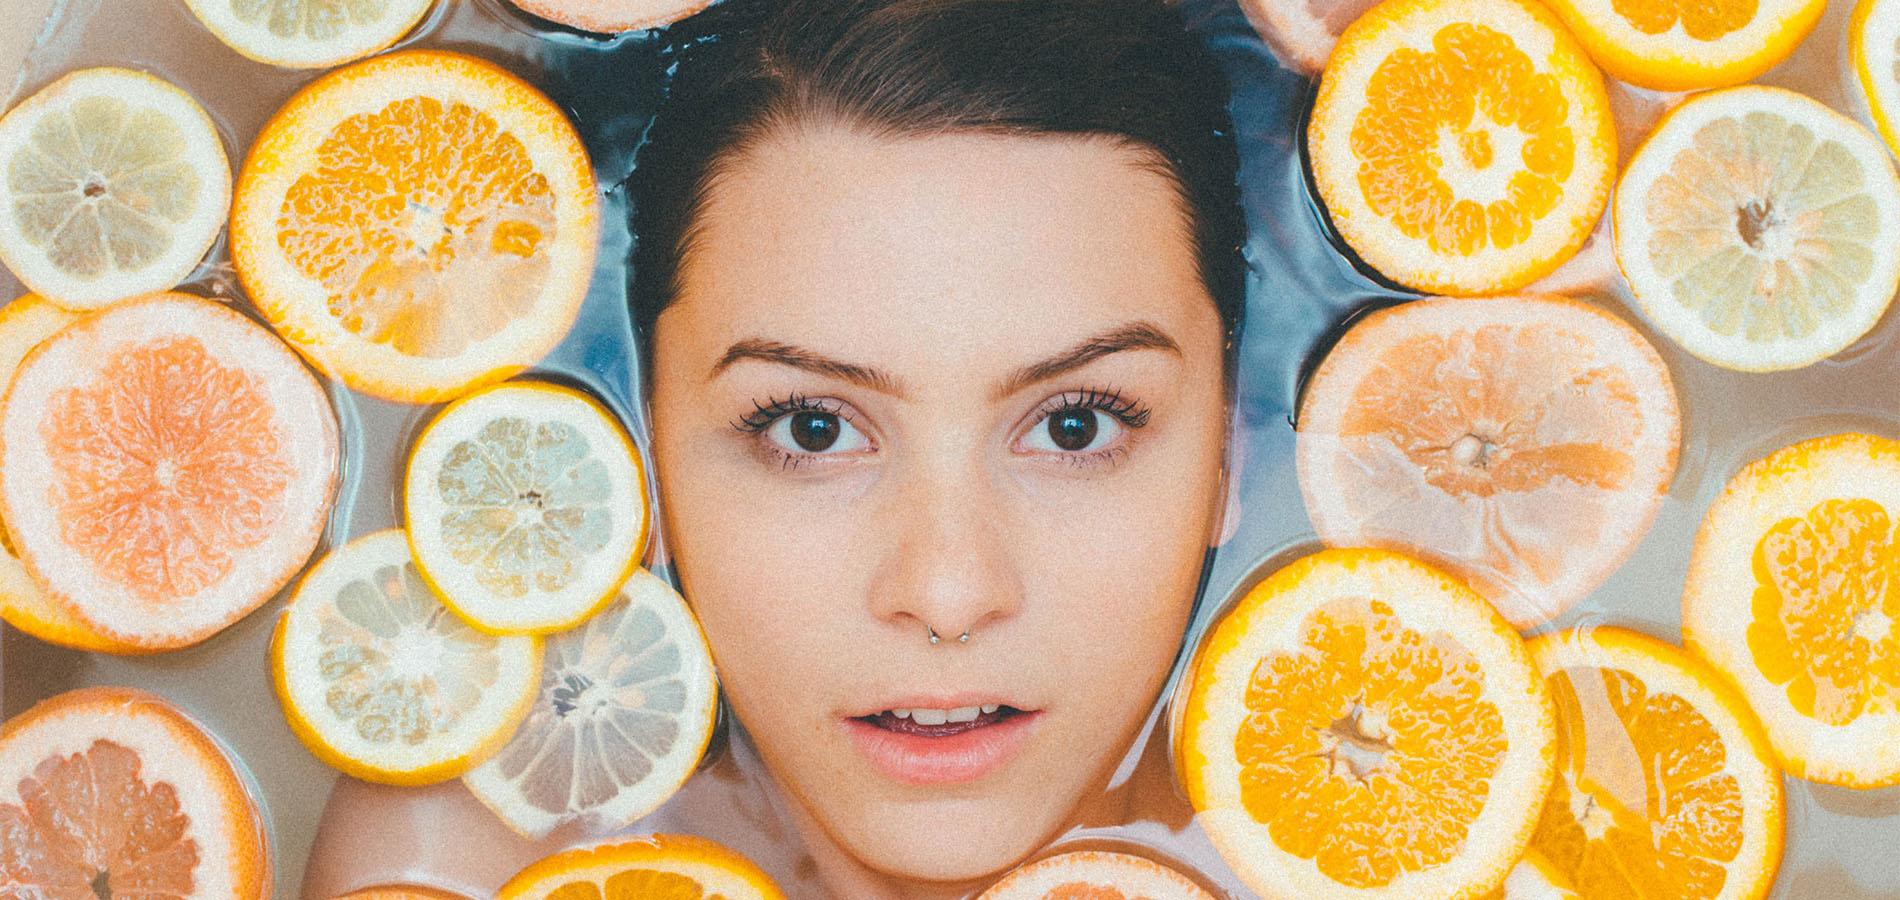 Vegane Pflegeprodukte - Frau badet in Früchtewasser